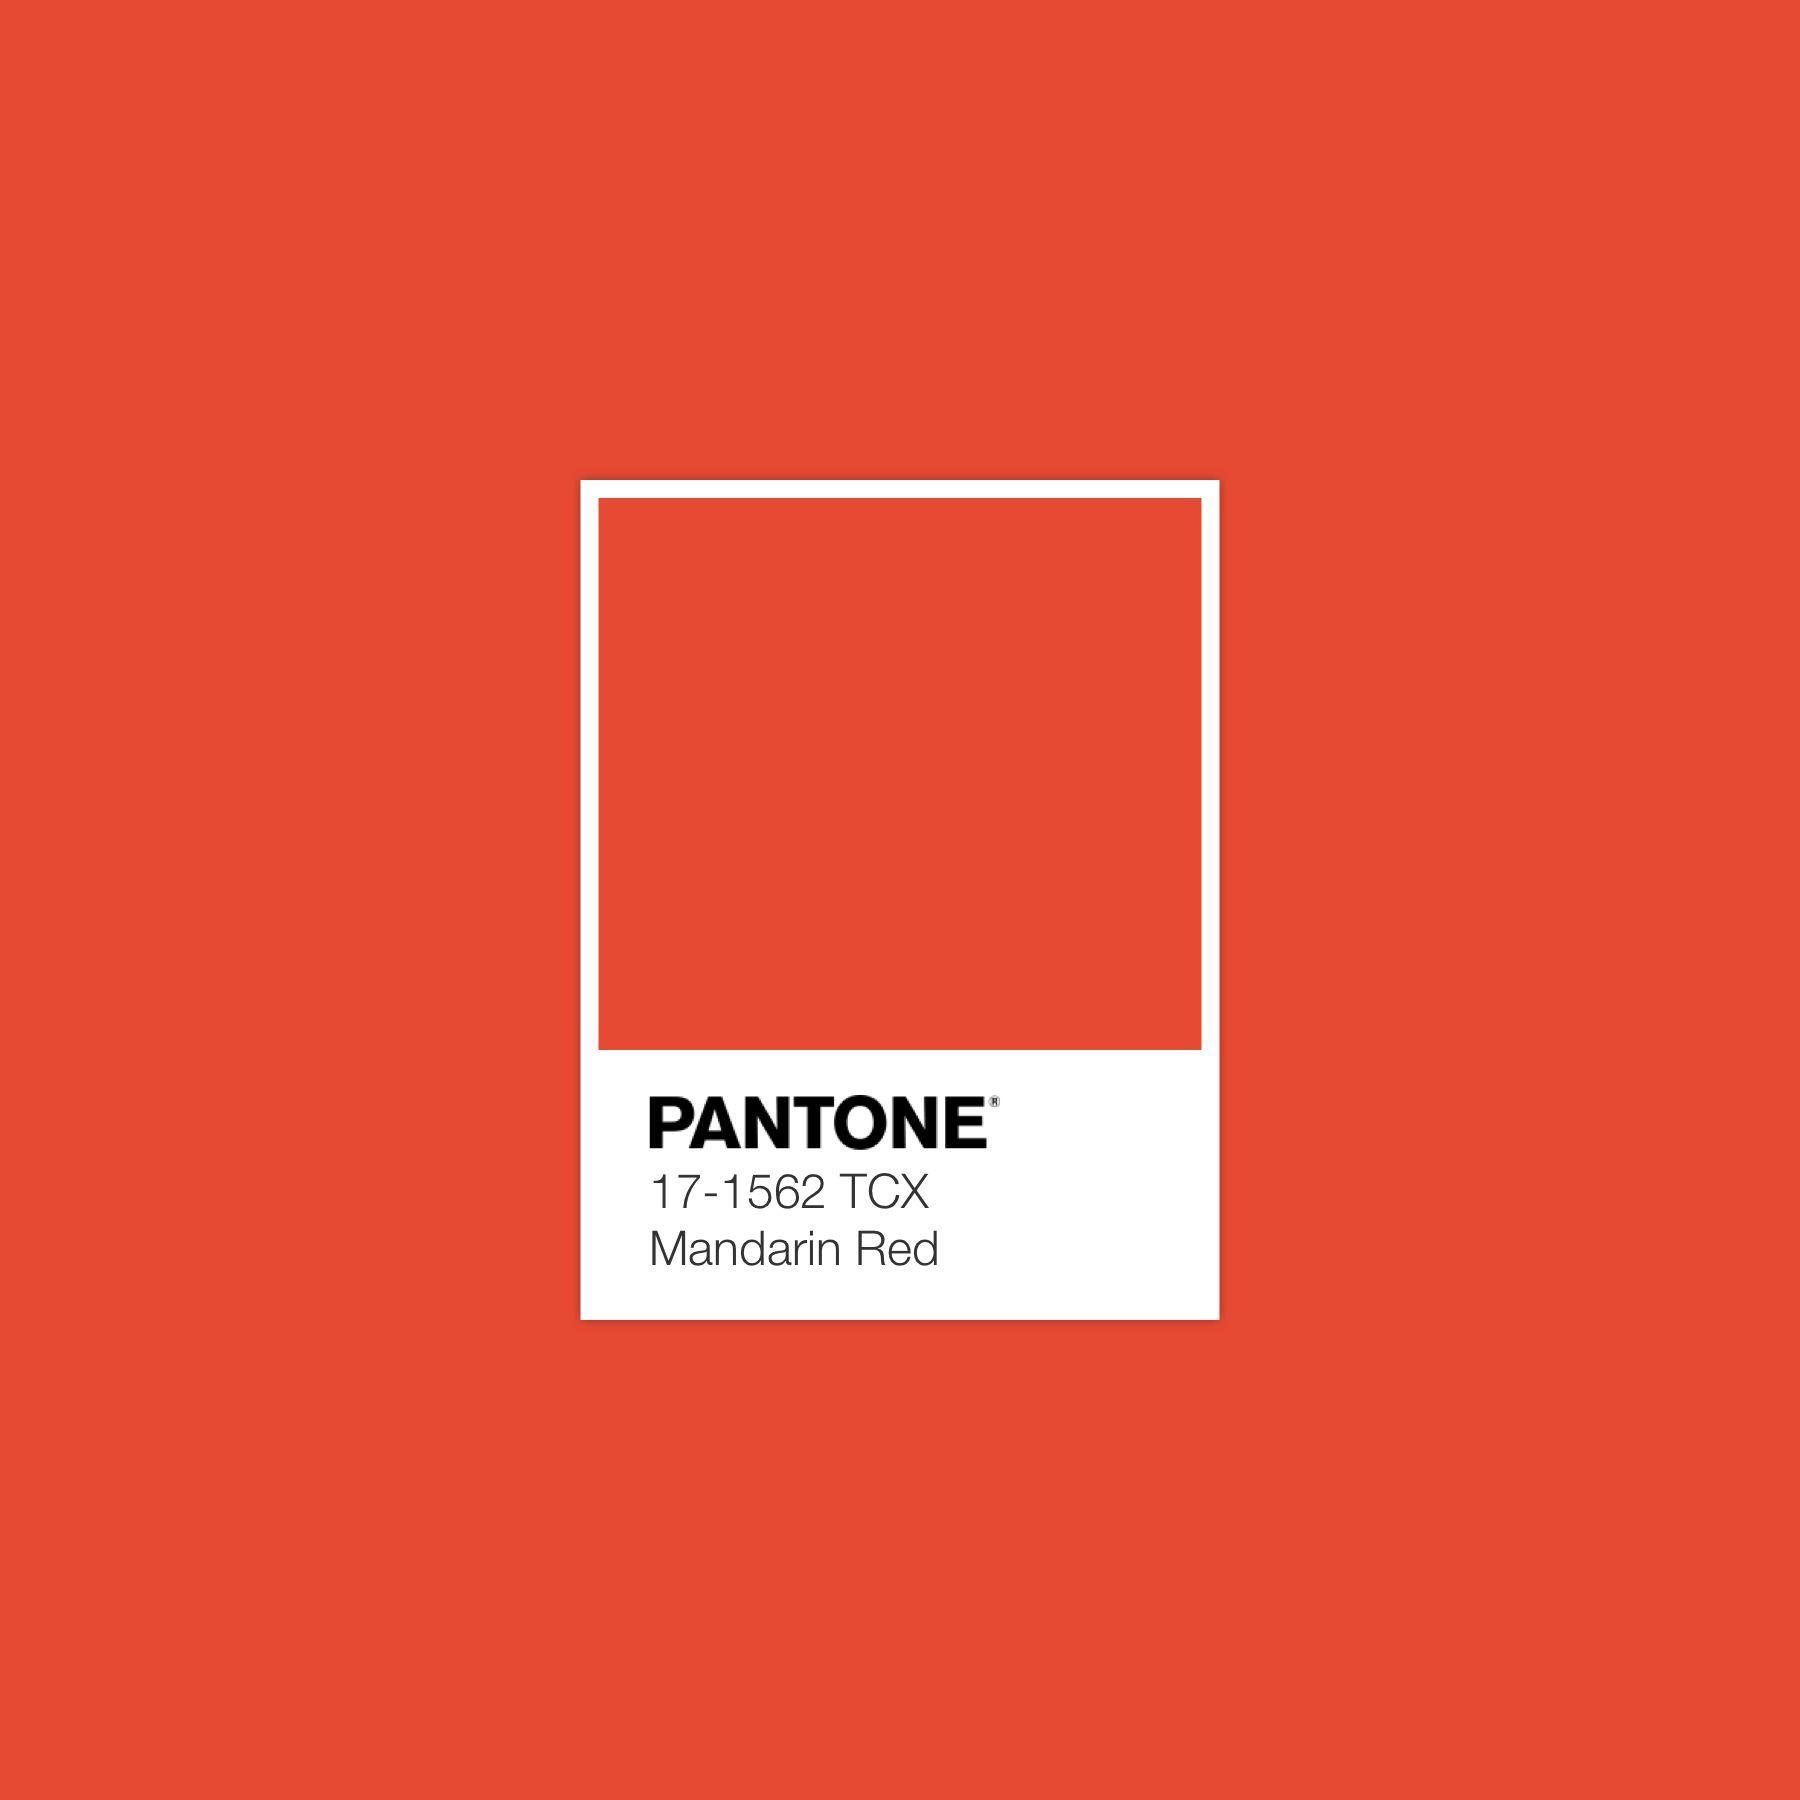 Pantone | Pantone red, Pantone color, Pantone orange